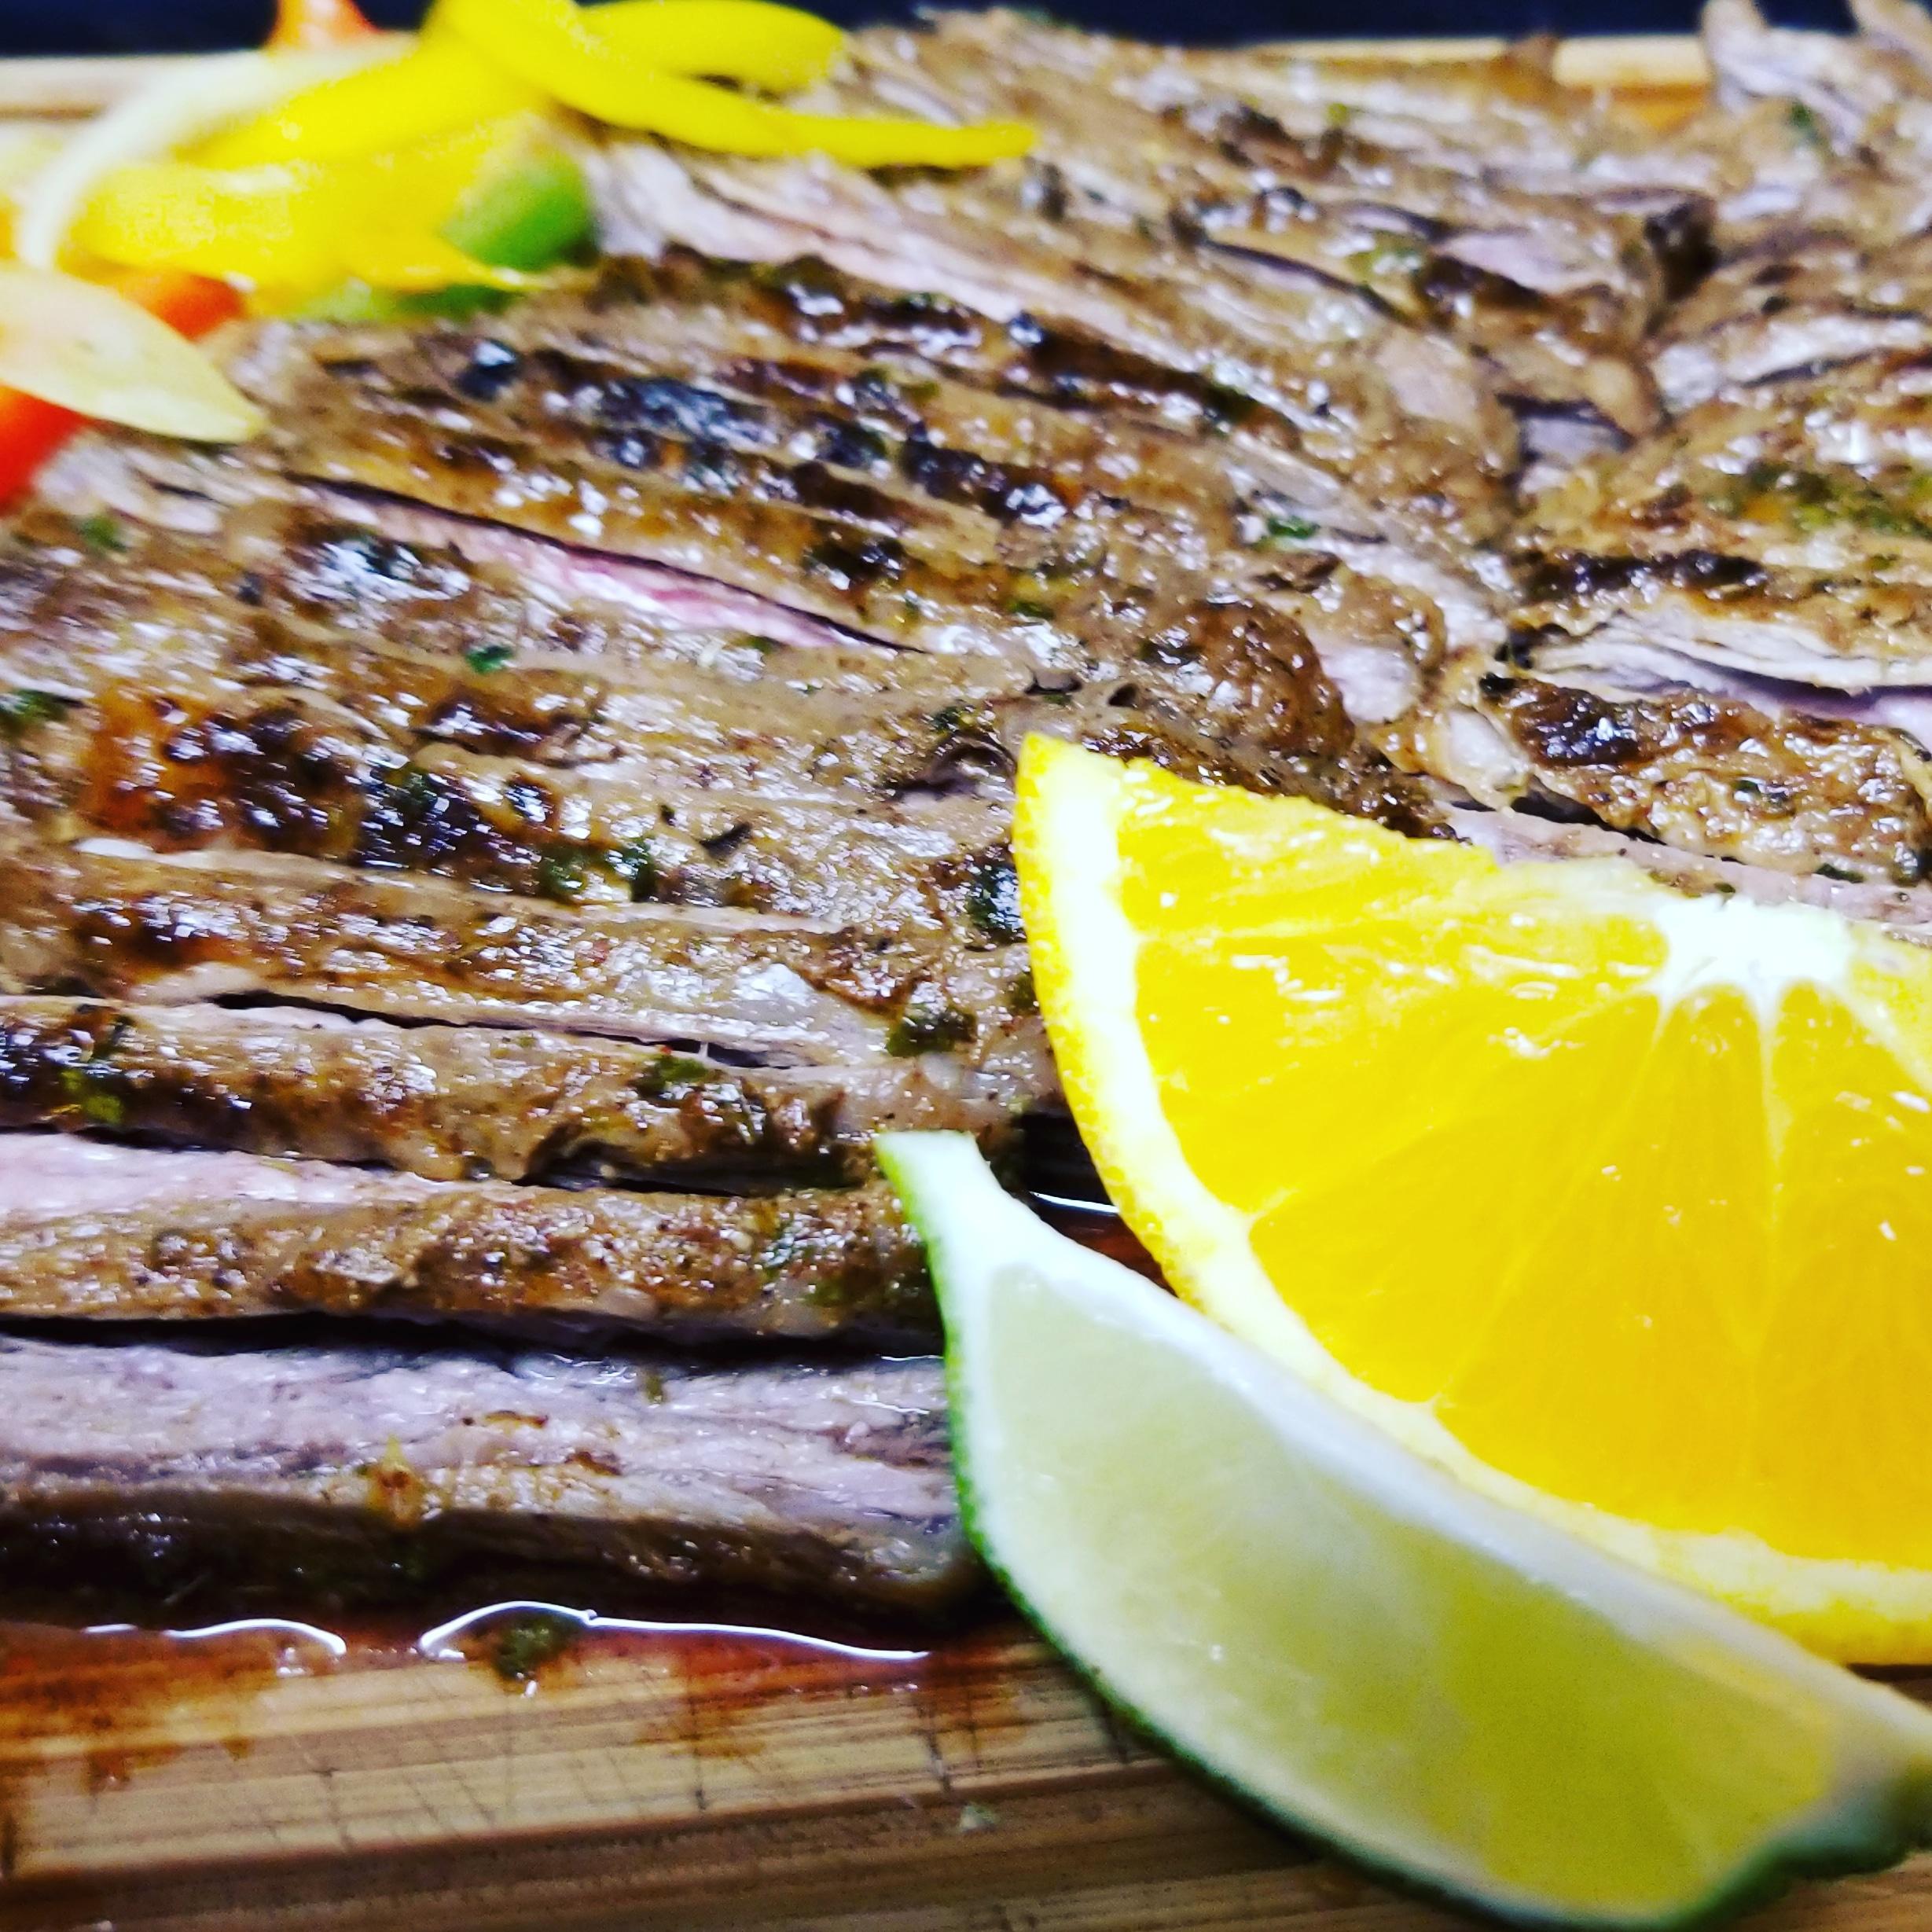 Citrus Carne Asada Marinade judy2304